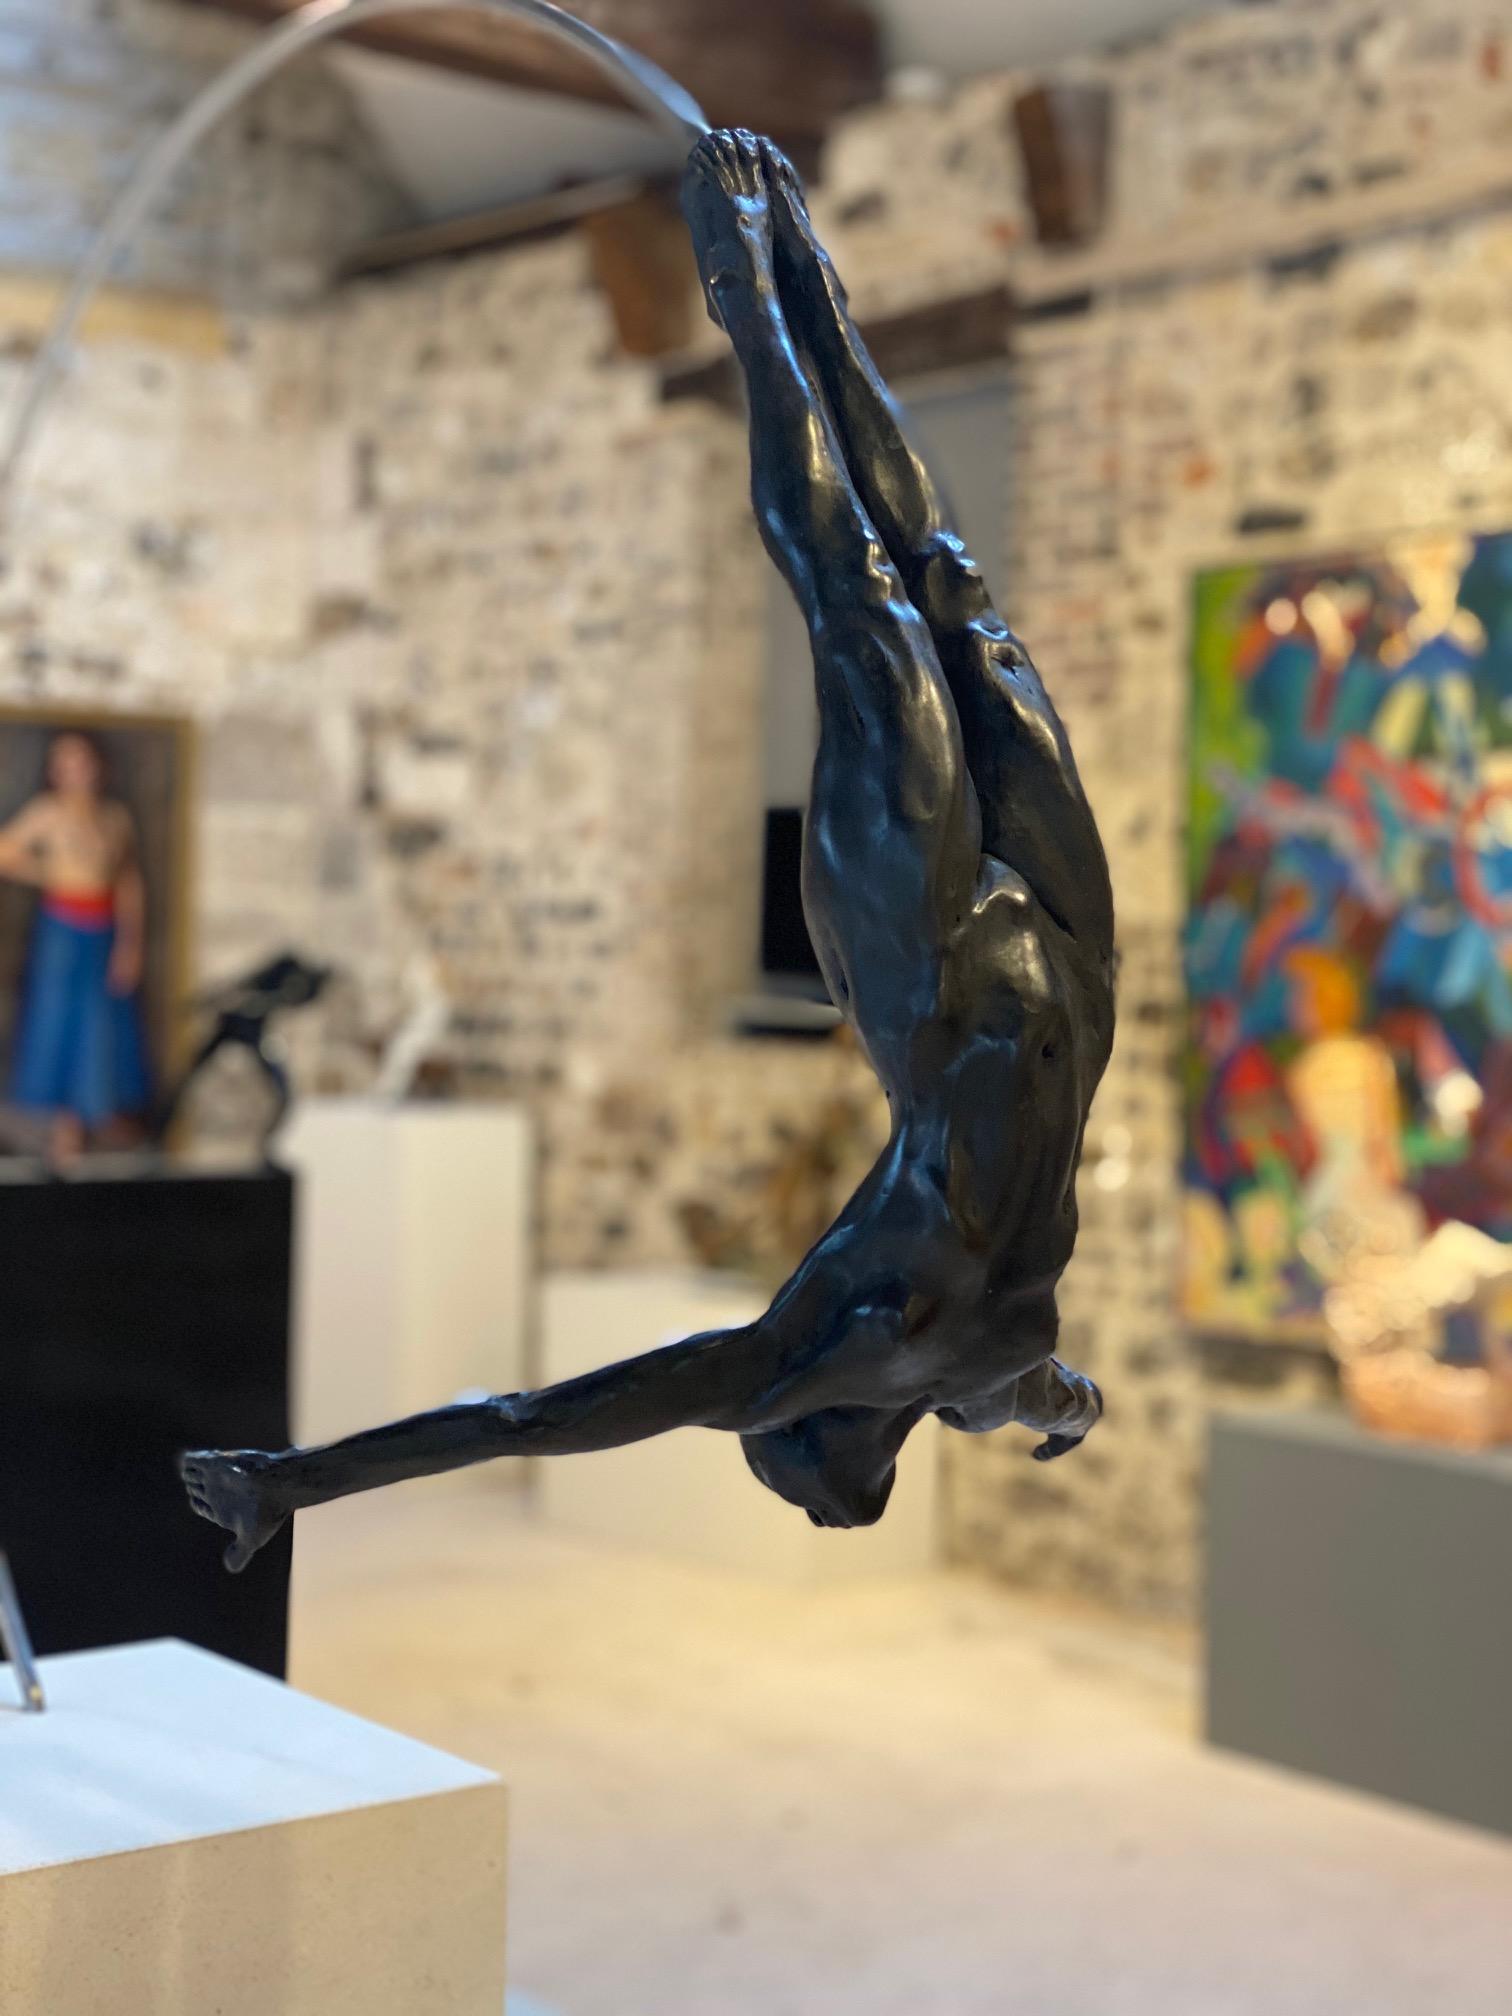 expositions temporaires à la galerie danielle bourdette gorzkowski à honfleur